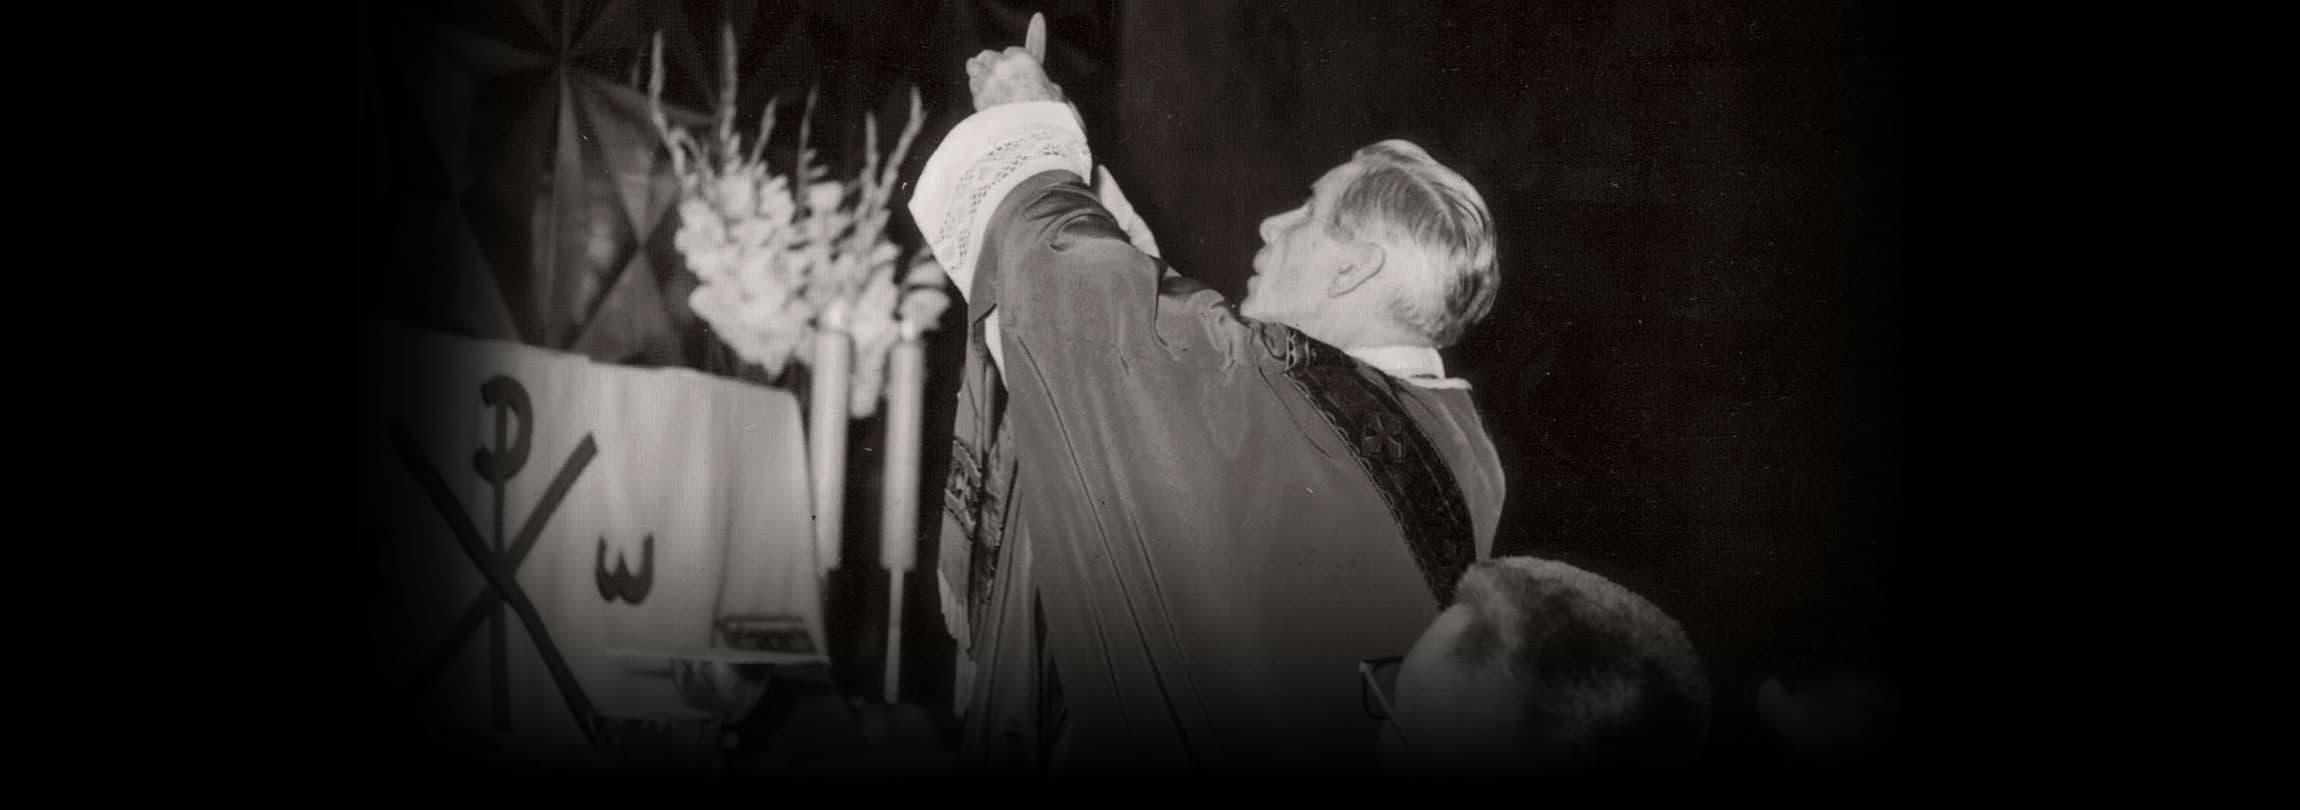 Liturgia: Mistério da Salvação - Parte IV